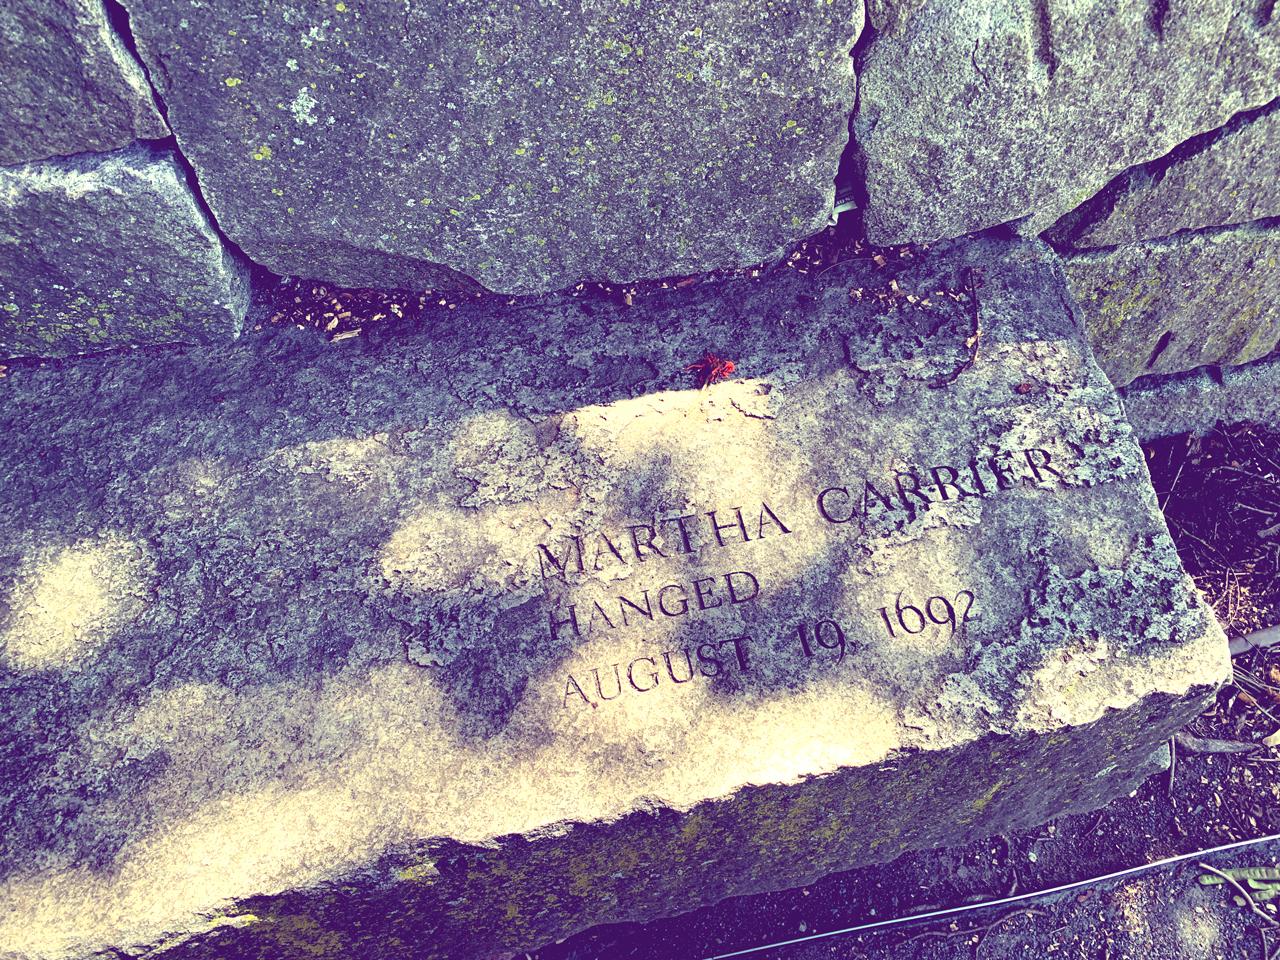 salem-witch-trials-memorial-massachusetts-martha-carrier-1280x960